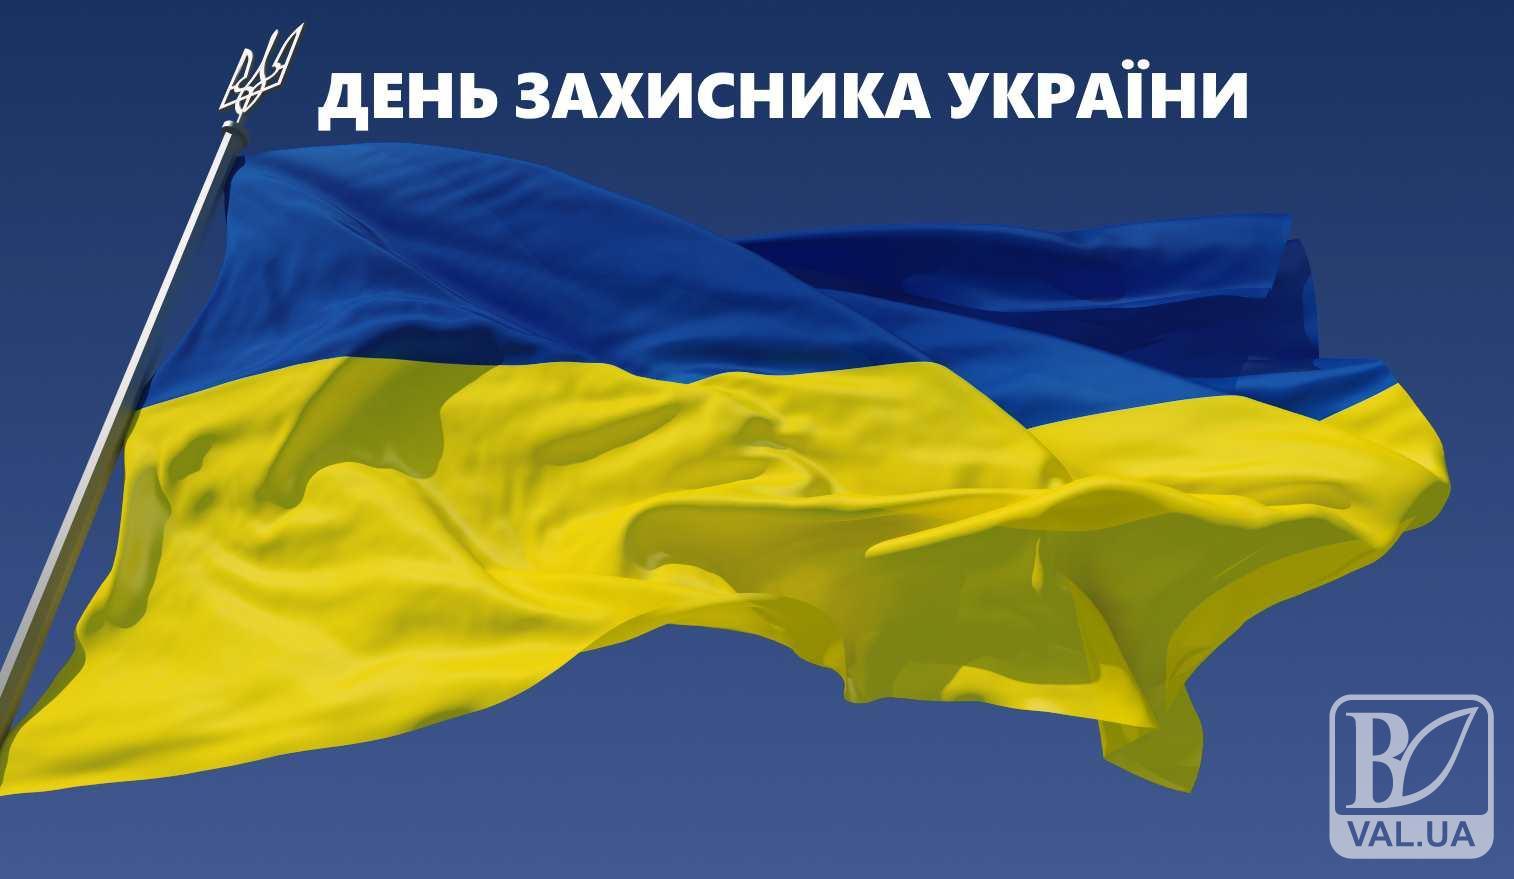 Шанування героїв, книжкова толока та патріотичні квести: як у Чернігові відзначатимуть День захисника України